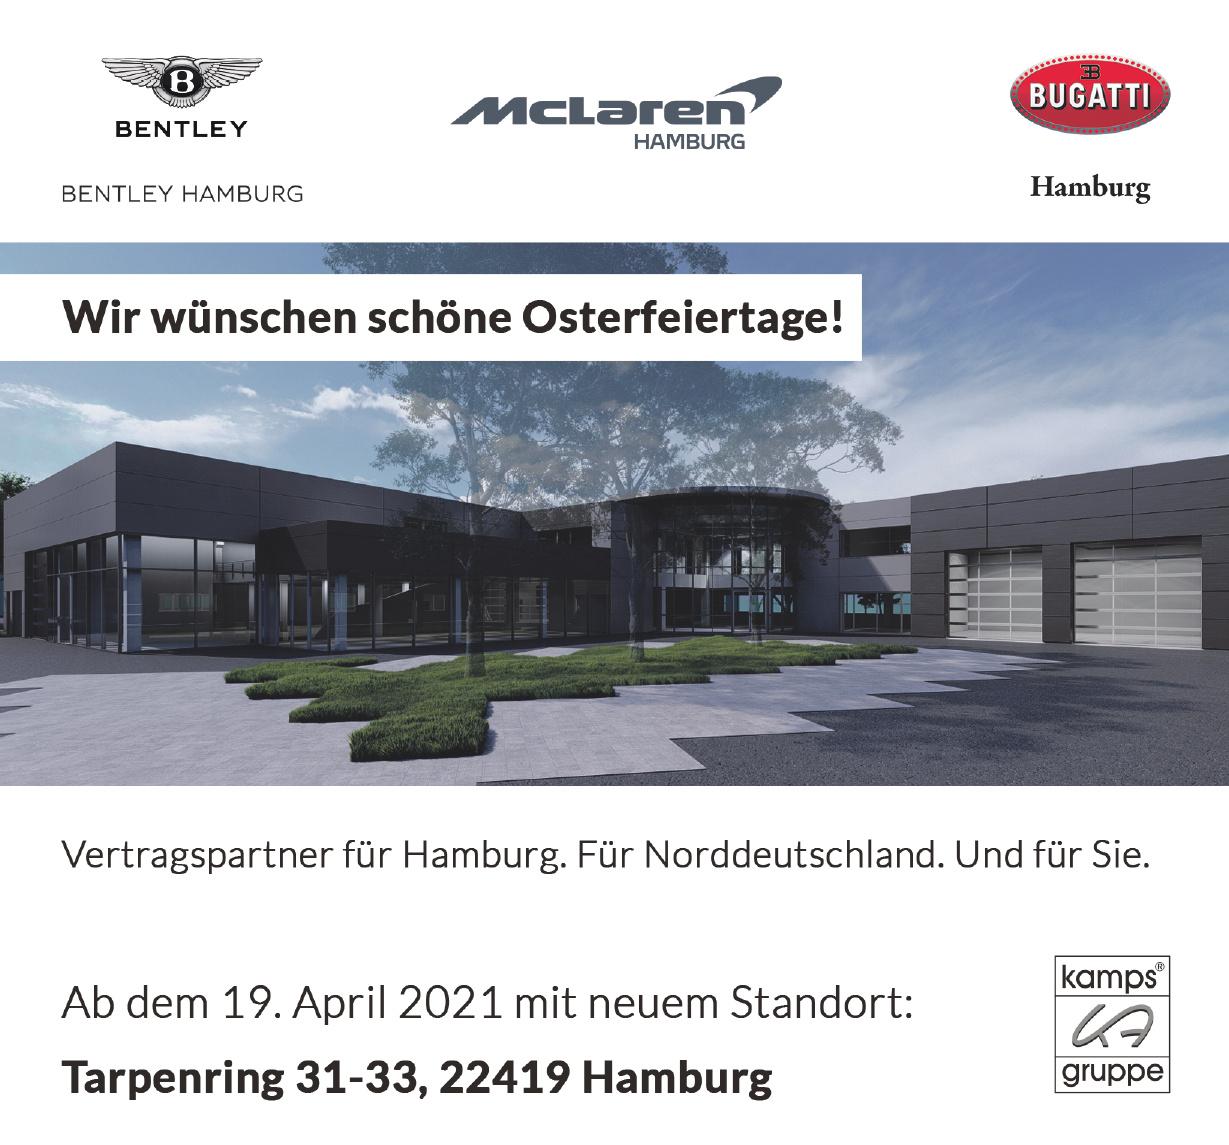 Kamps in Hamburg - Vertragspartner in Hamburg für Bentley, McLaren und Bugatti